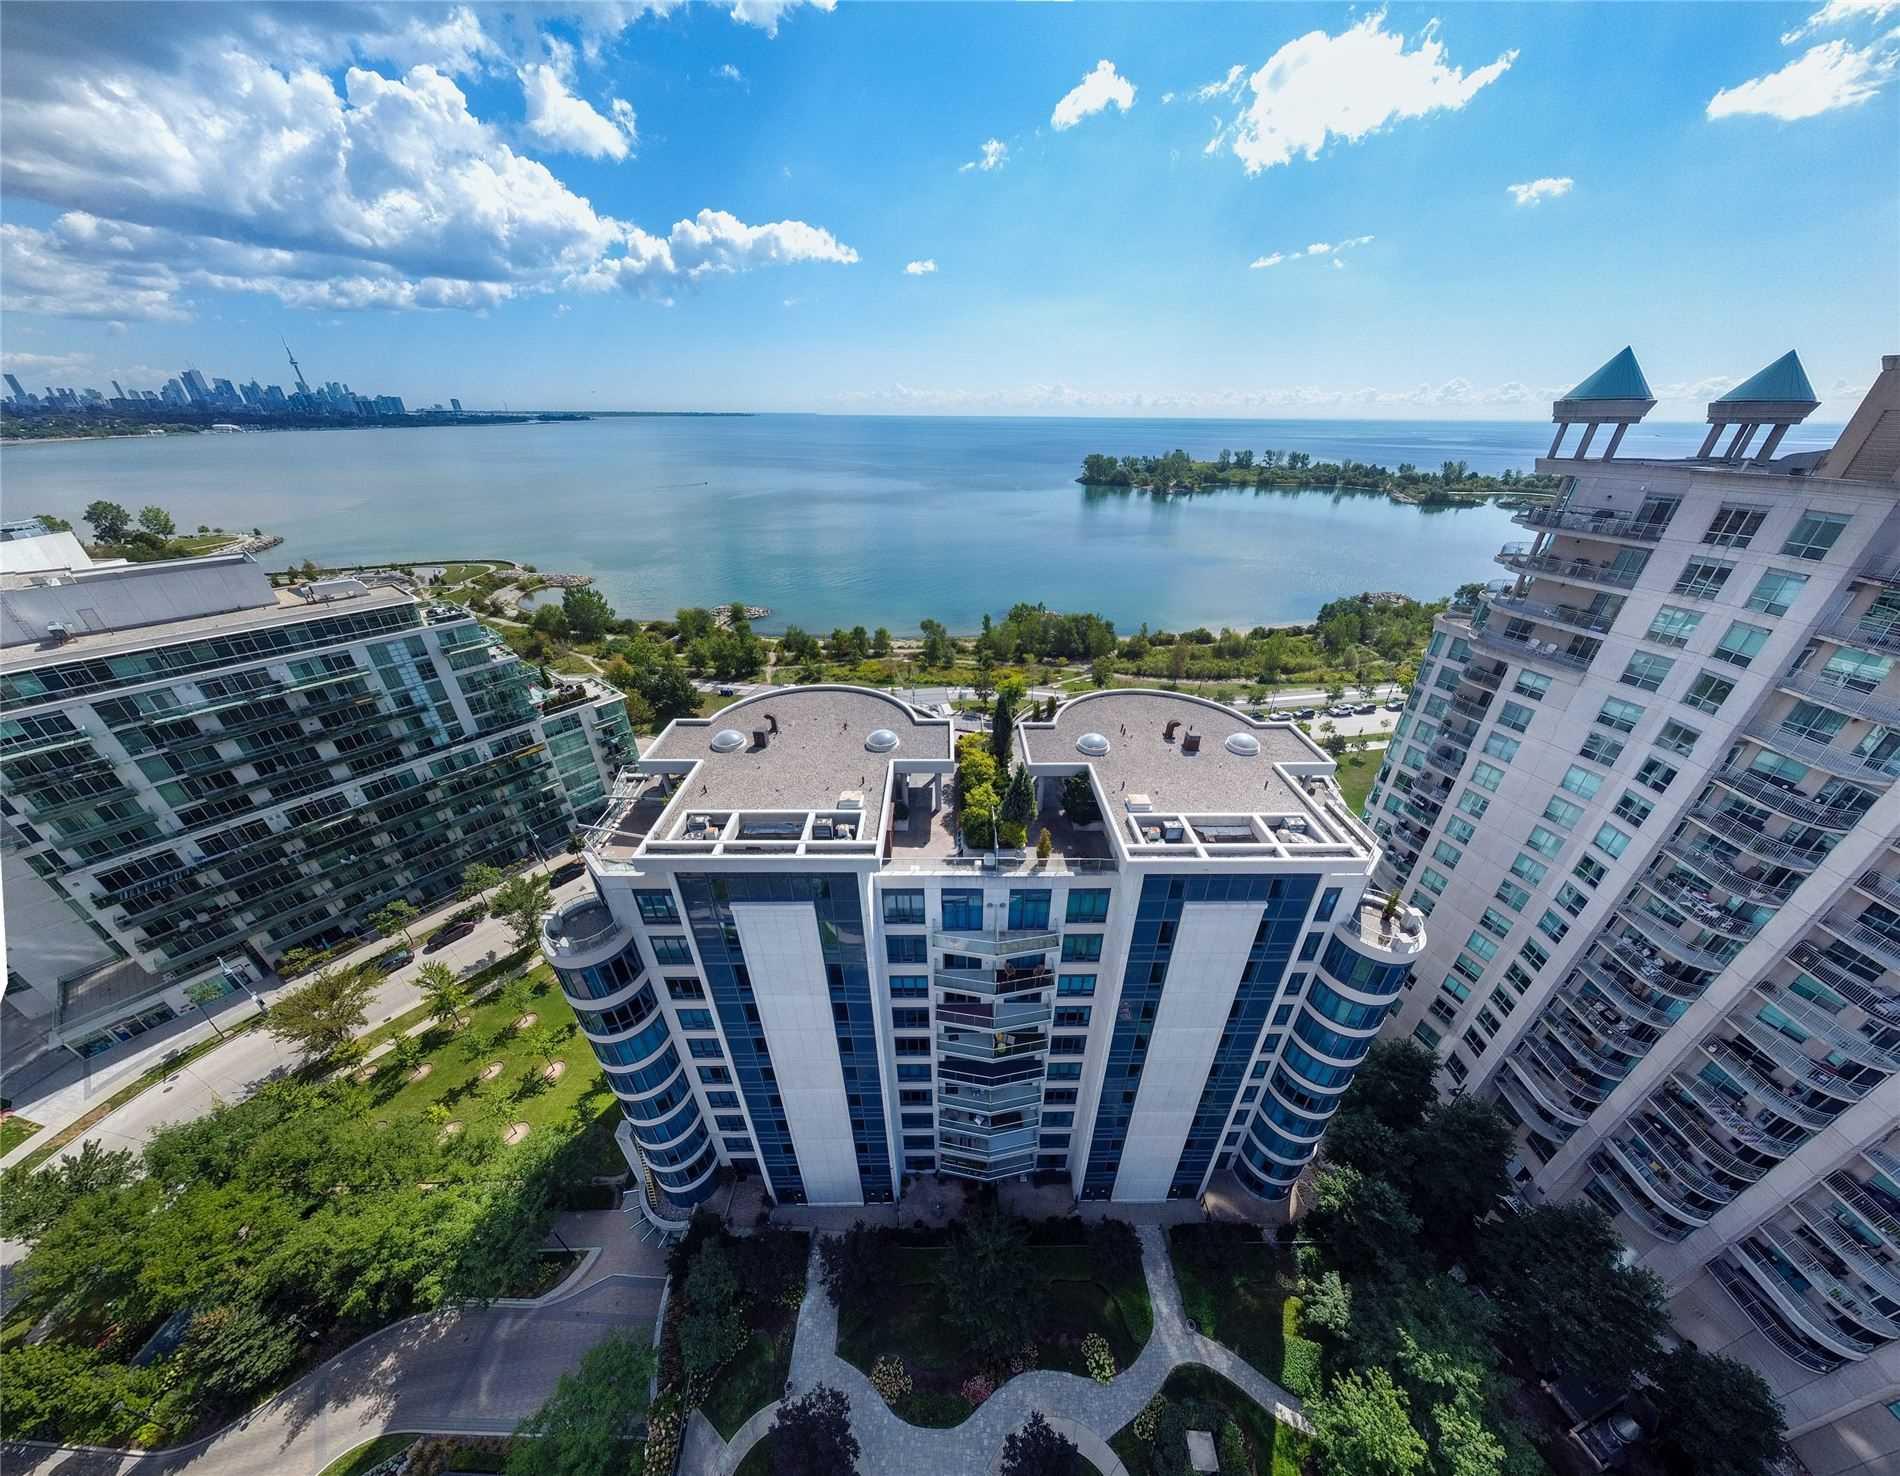 317 - 2095 Lake Shore Blvd W - Mimico Condo Apt for sale, 2 Bedrooms (W5369727) - #40